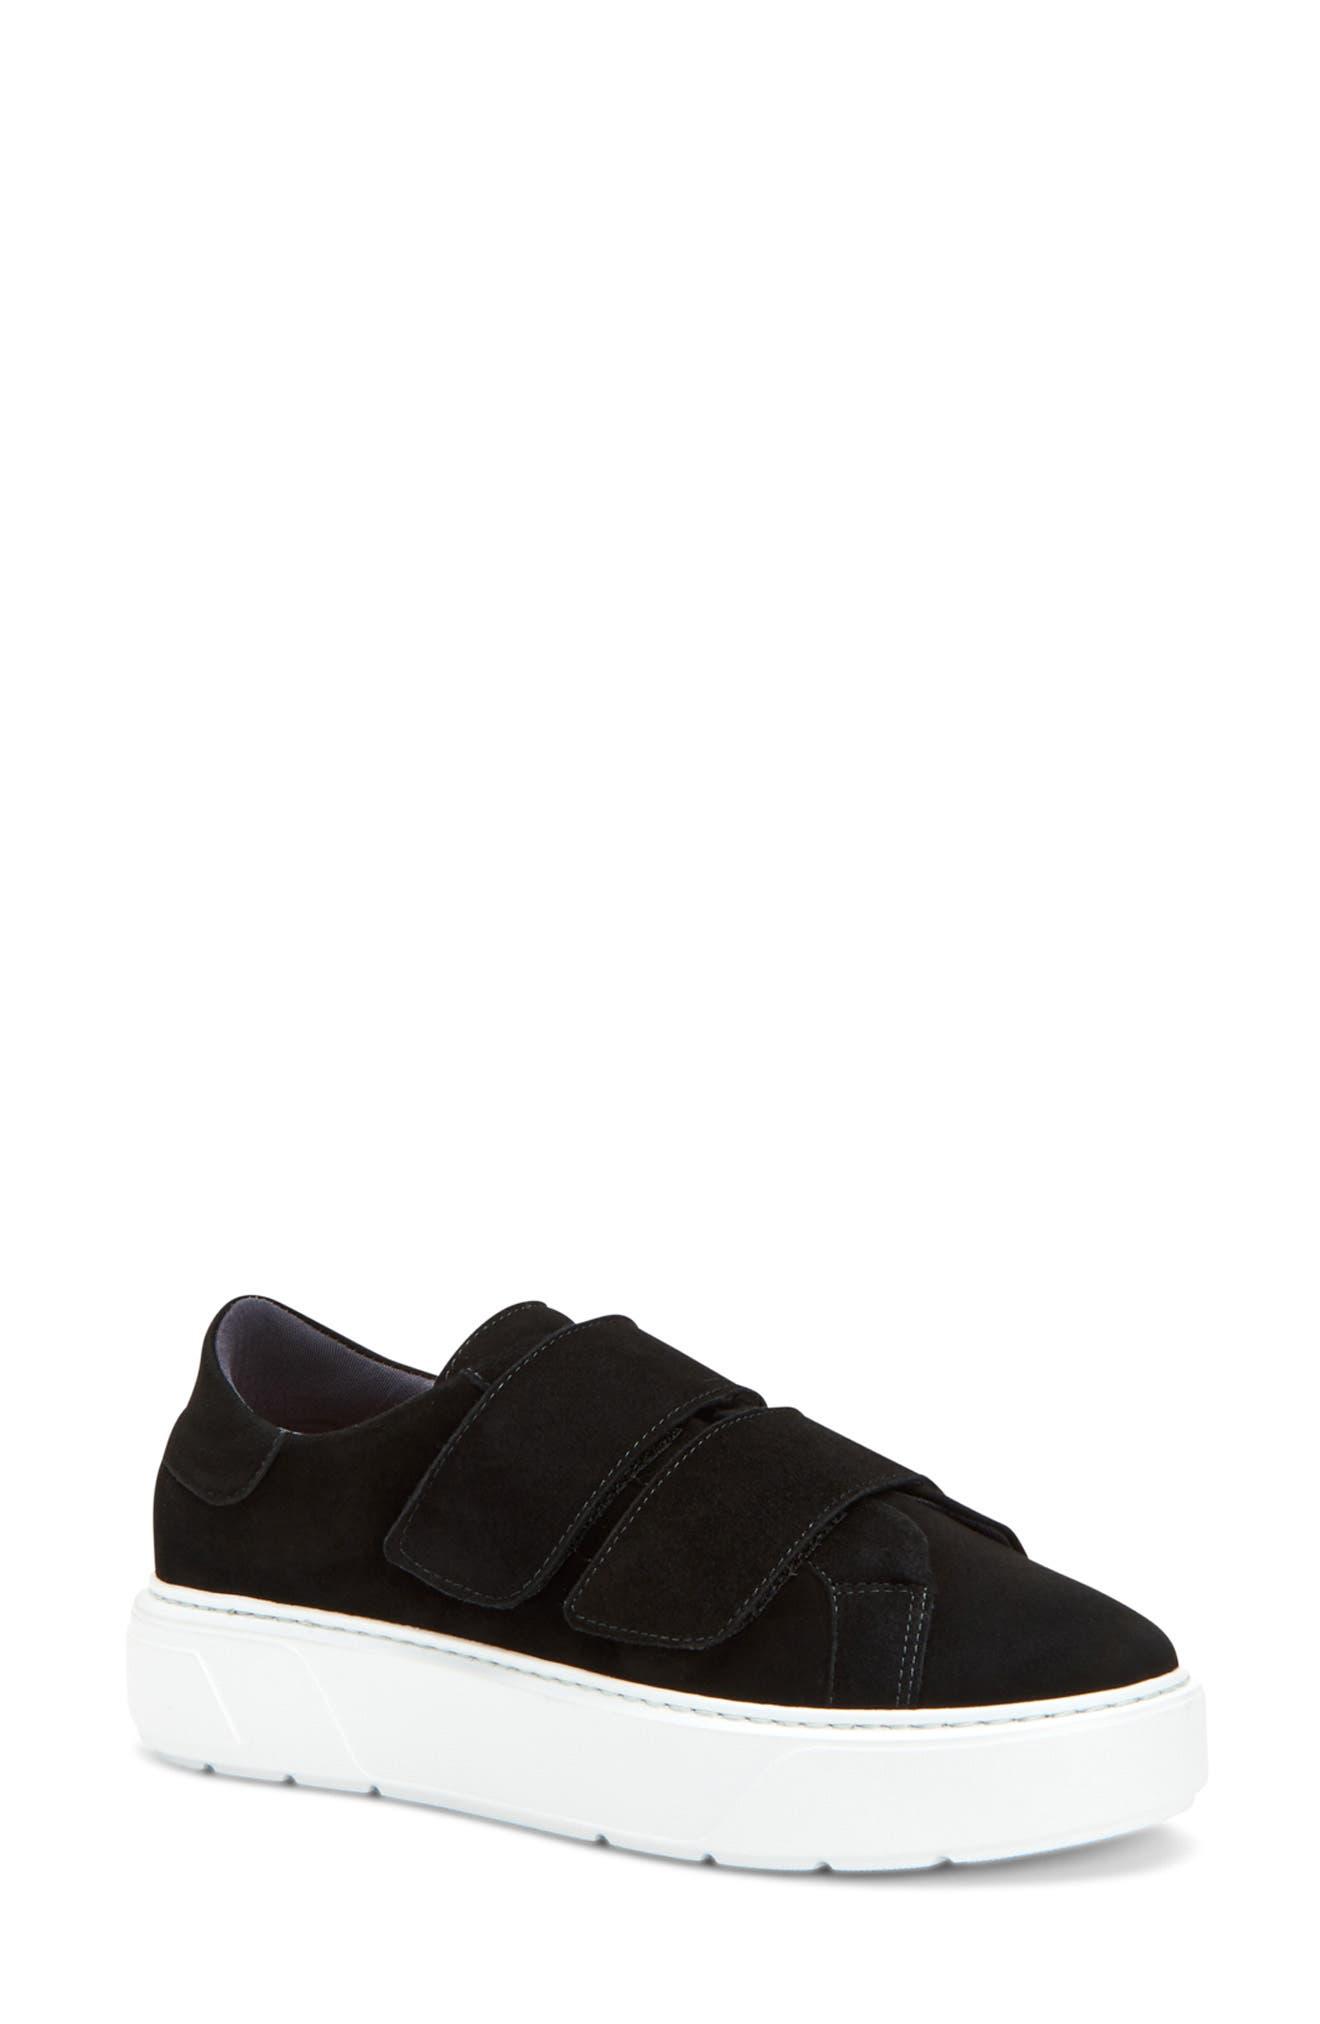 Image of Aquatalia Brenley Weatherproof Platform Sneaker